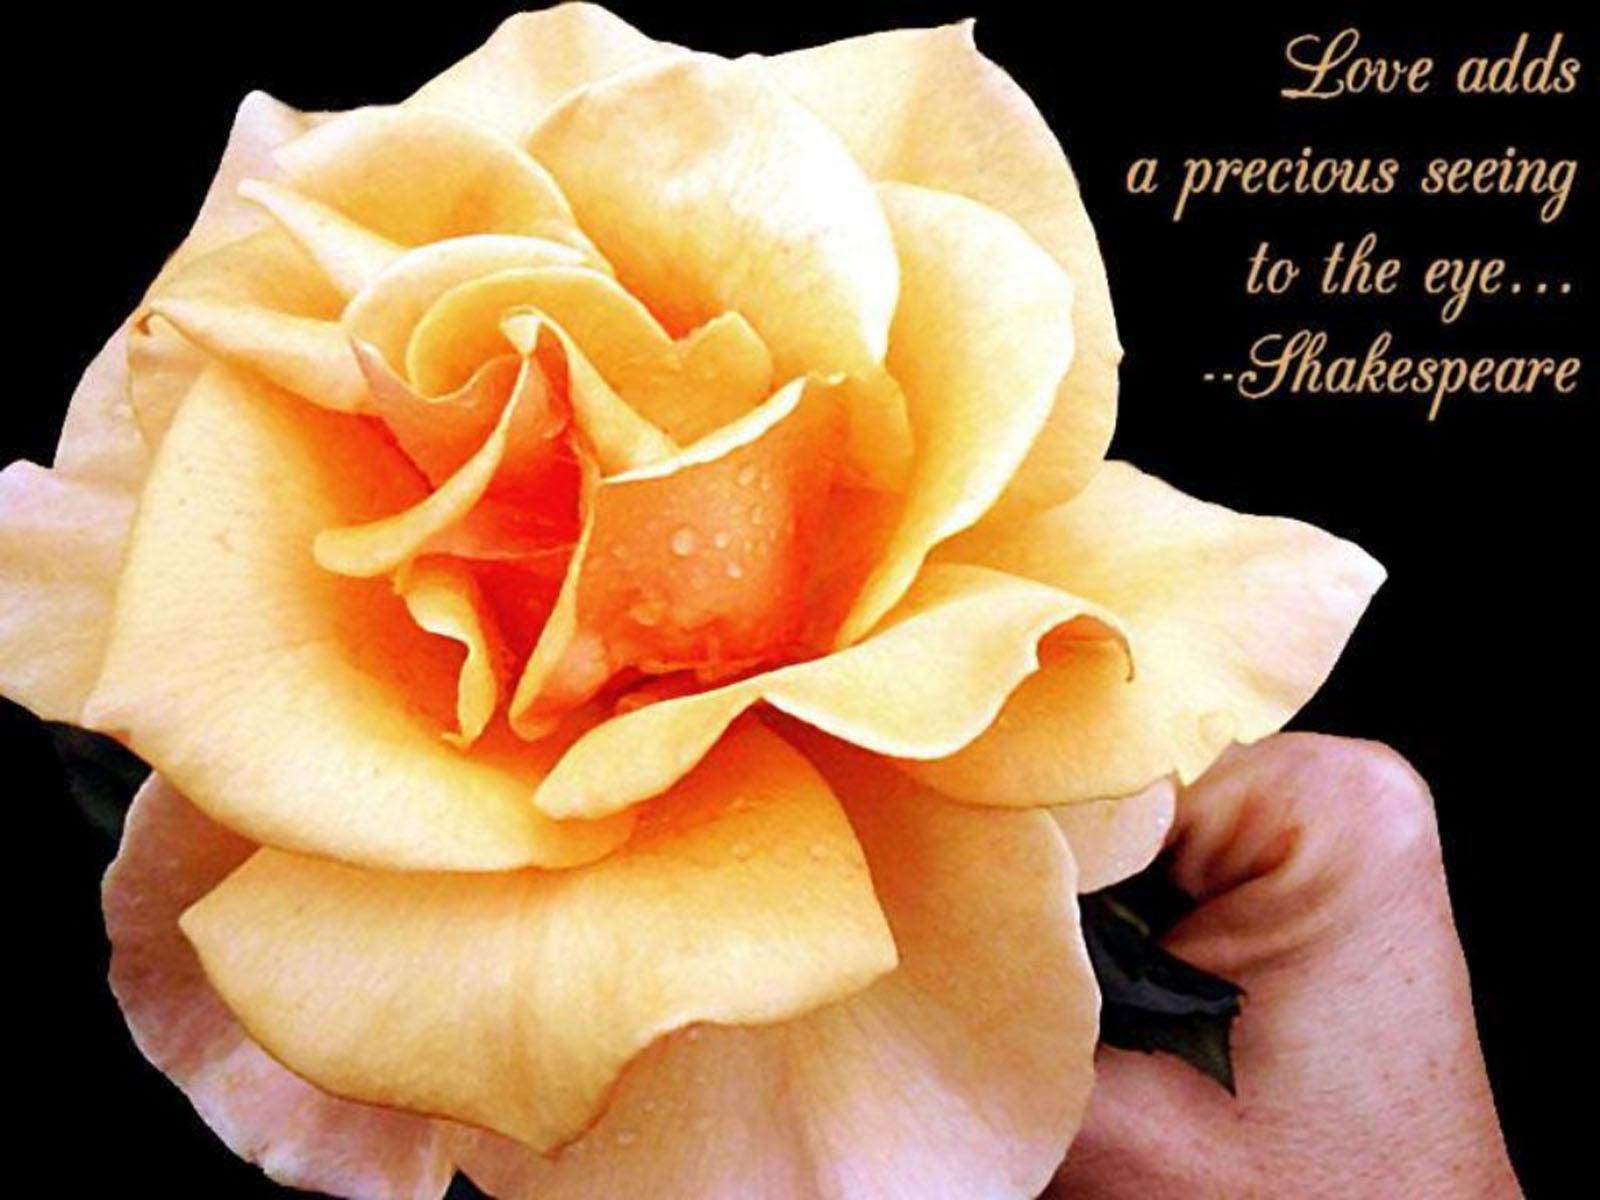 http://2.bp.blogspot.com/-lypbmL1UN-A/T6P6Hzt-hqI/AAAAAAAACXw/41gwnfgjaKc/s1600/Love+Quotes+2.jpg